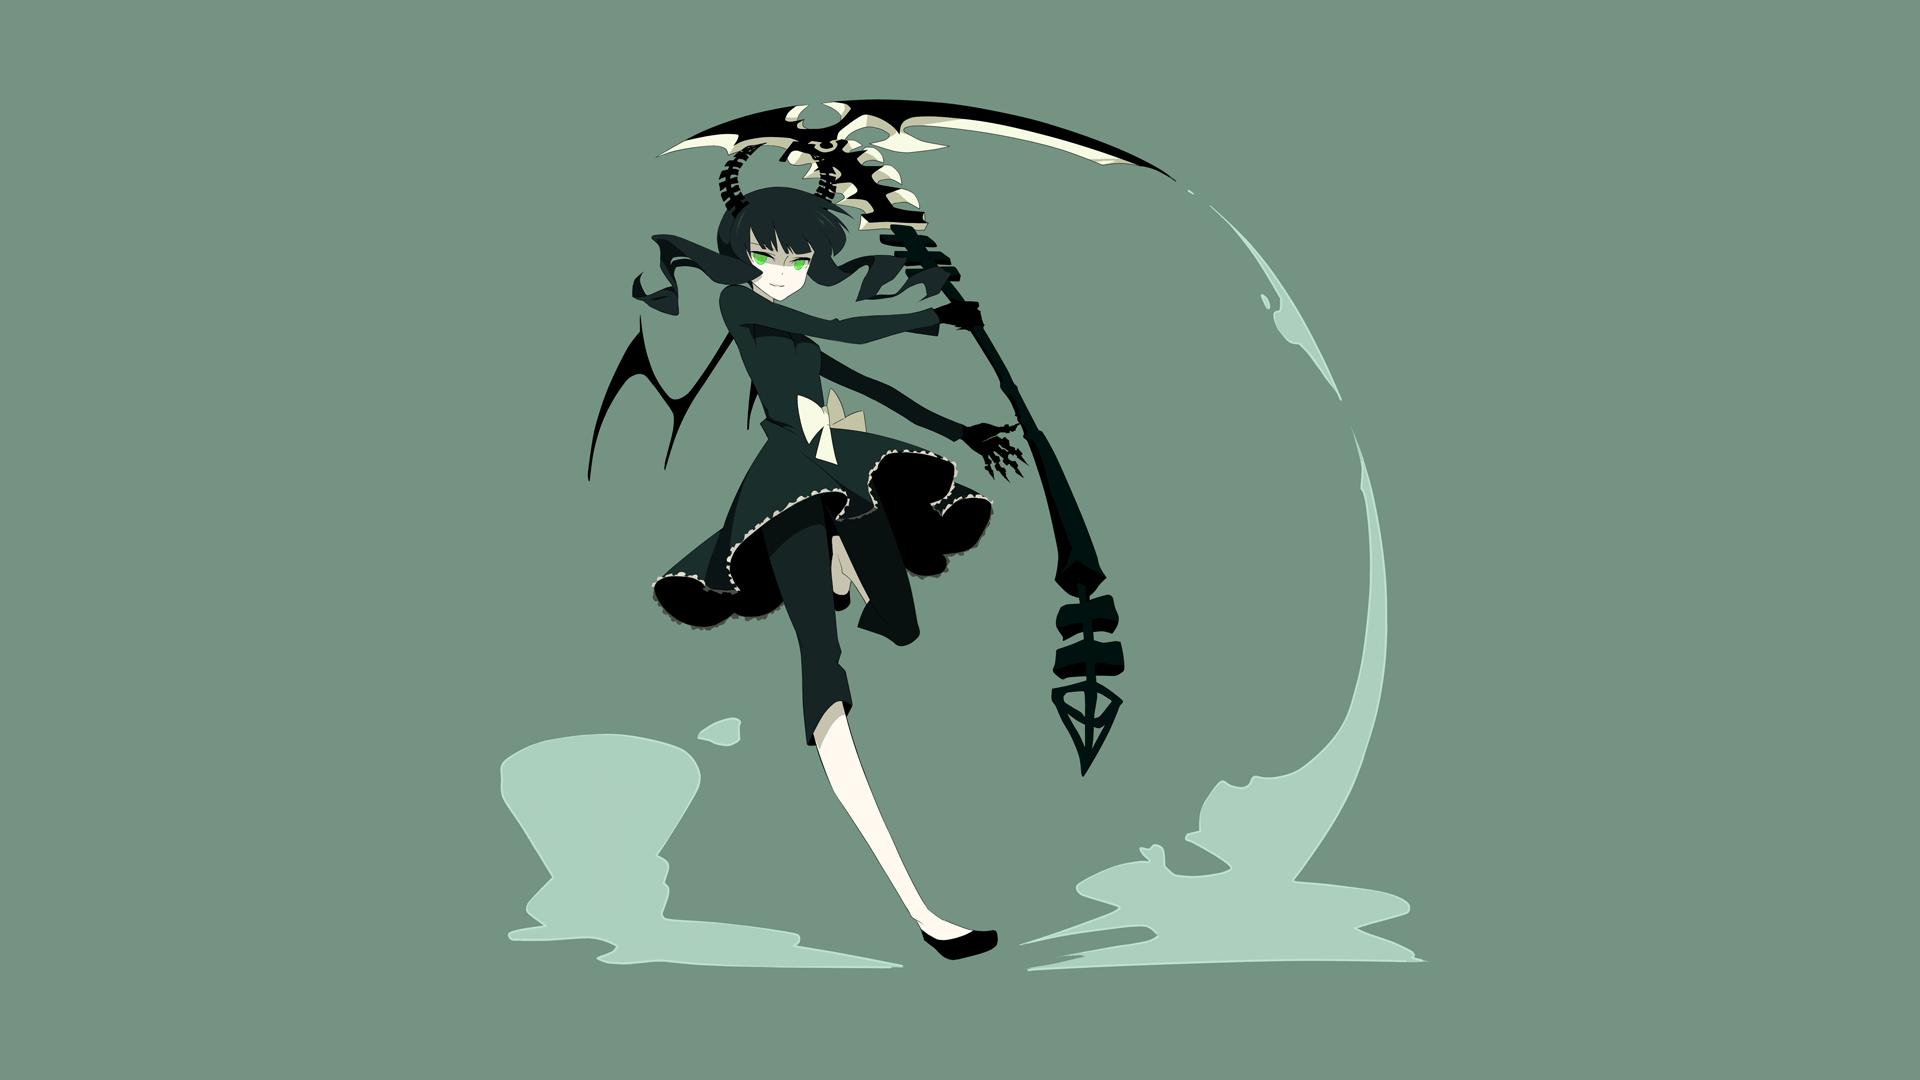 Wallpaper illustration anime wings green eyes - Anime scythe wallpaper ...